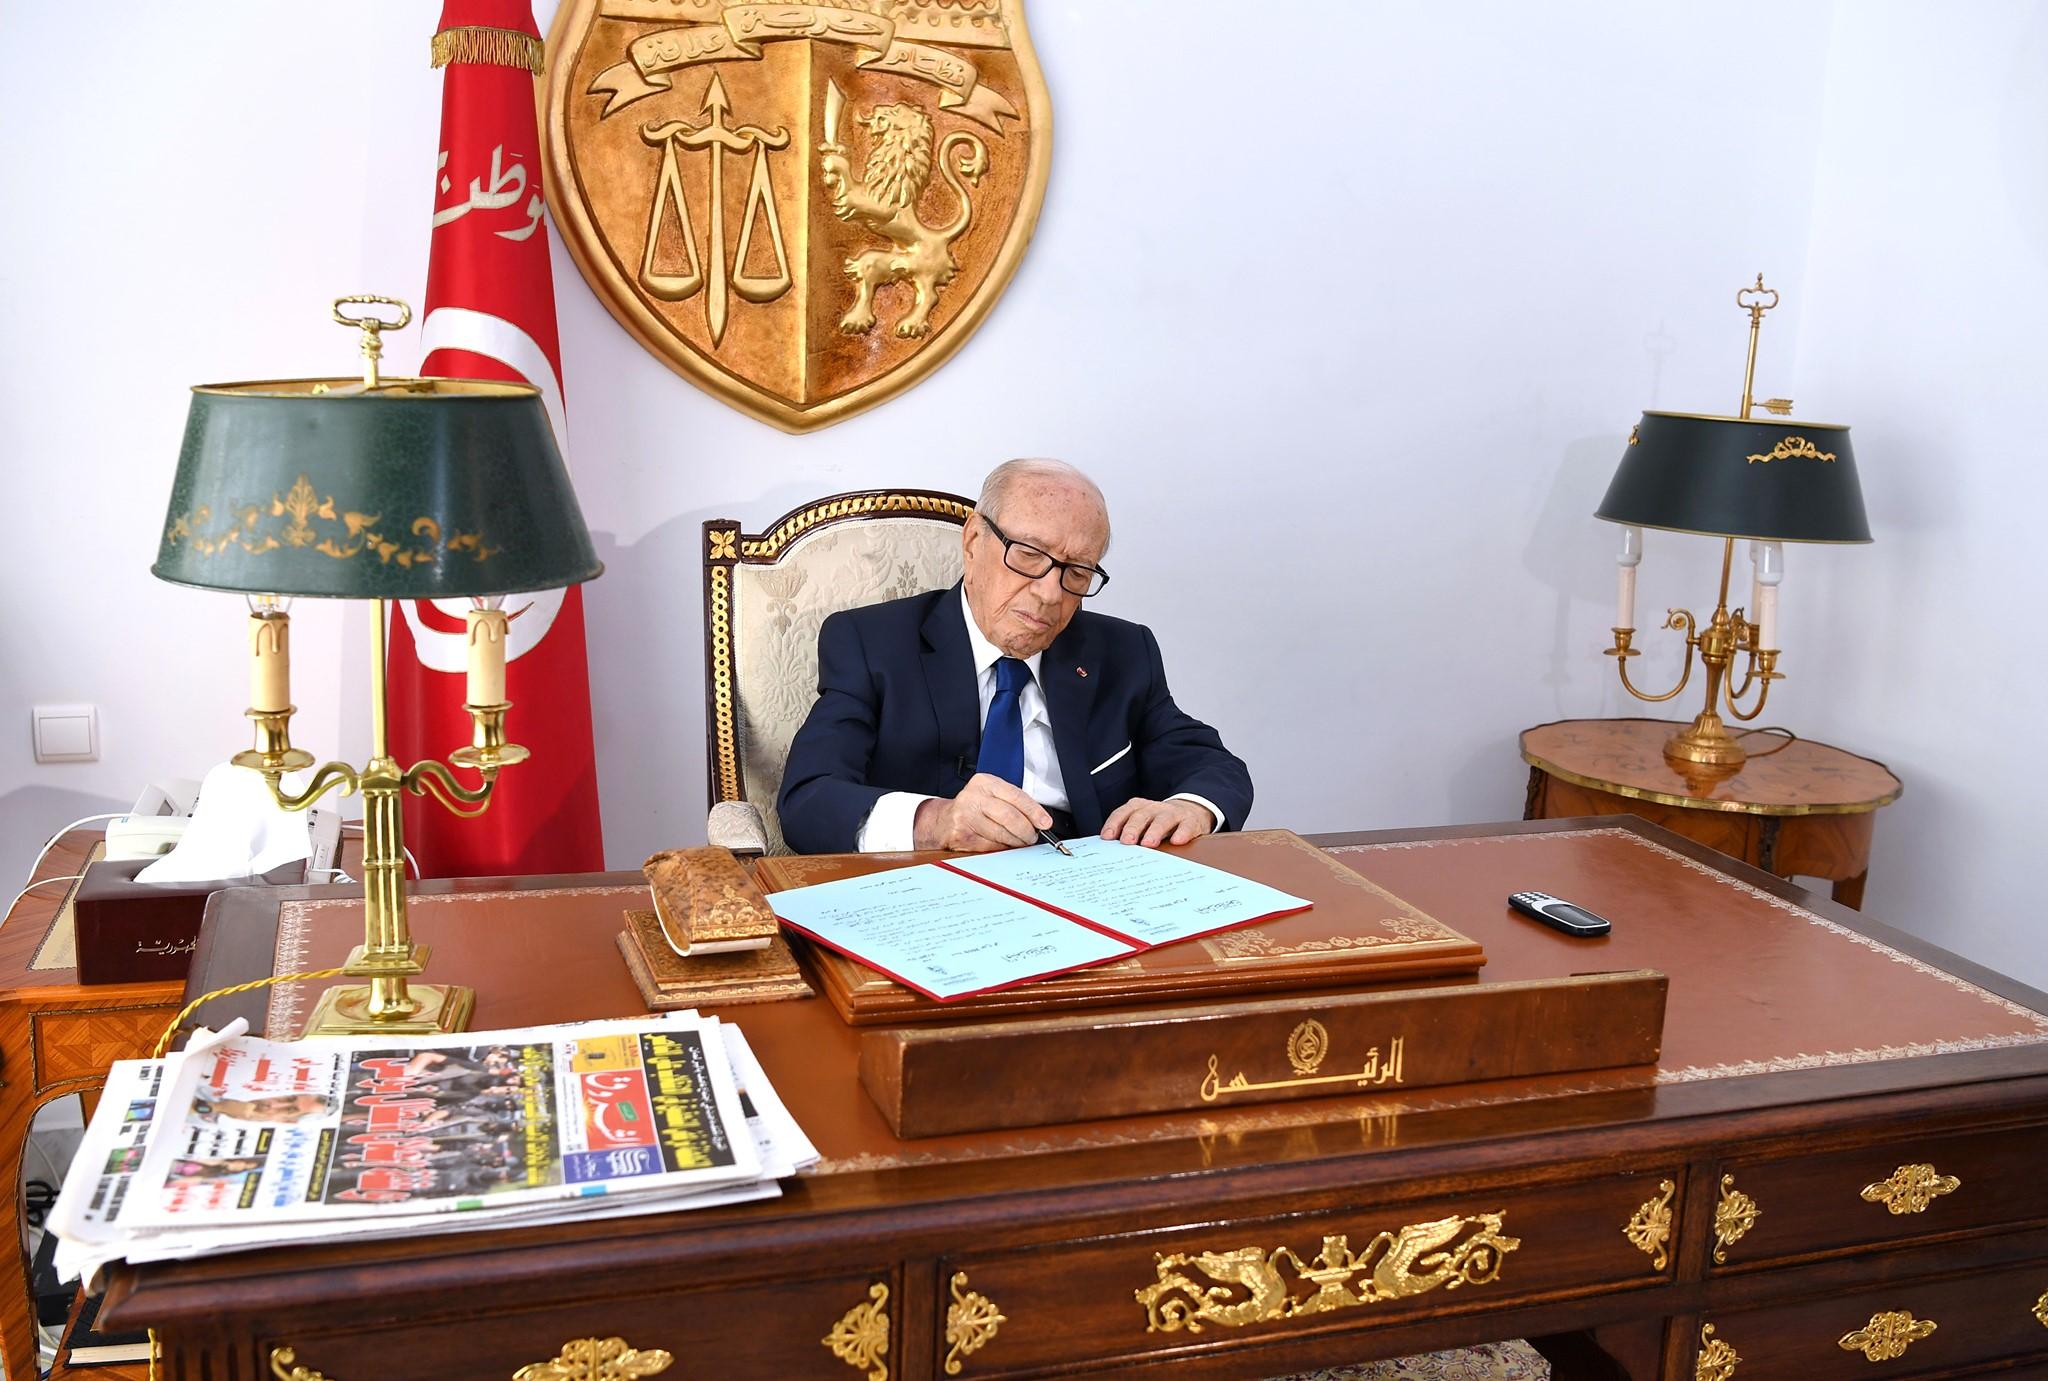 Le président tunisien Béji Caïd Essebsi signant les décrets de convocation du corps électoral et de prolongation de l'état d'urgence, vendredi 5 juillet 2019 (image d'illustration).